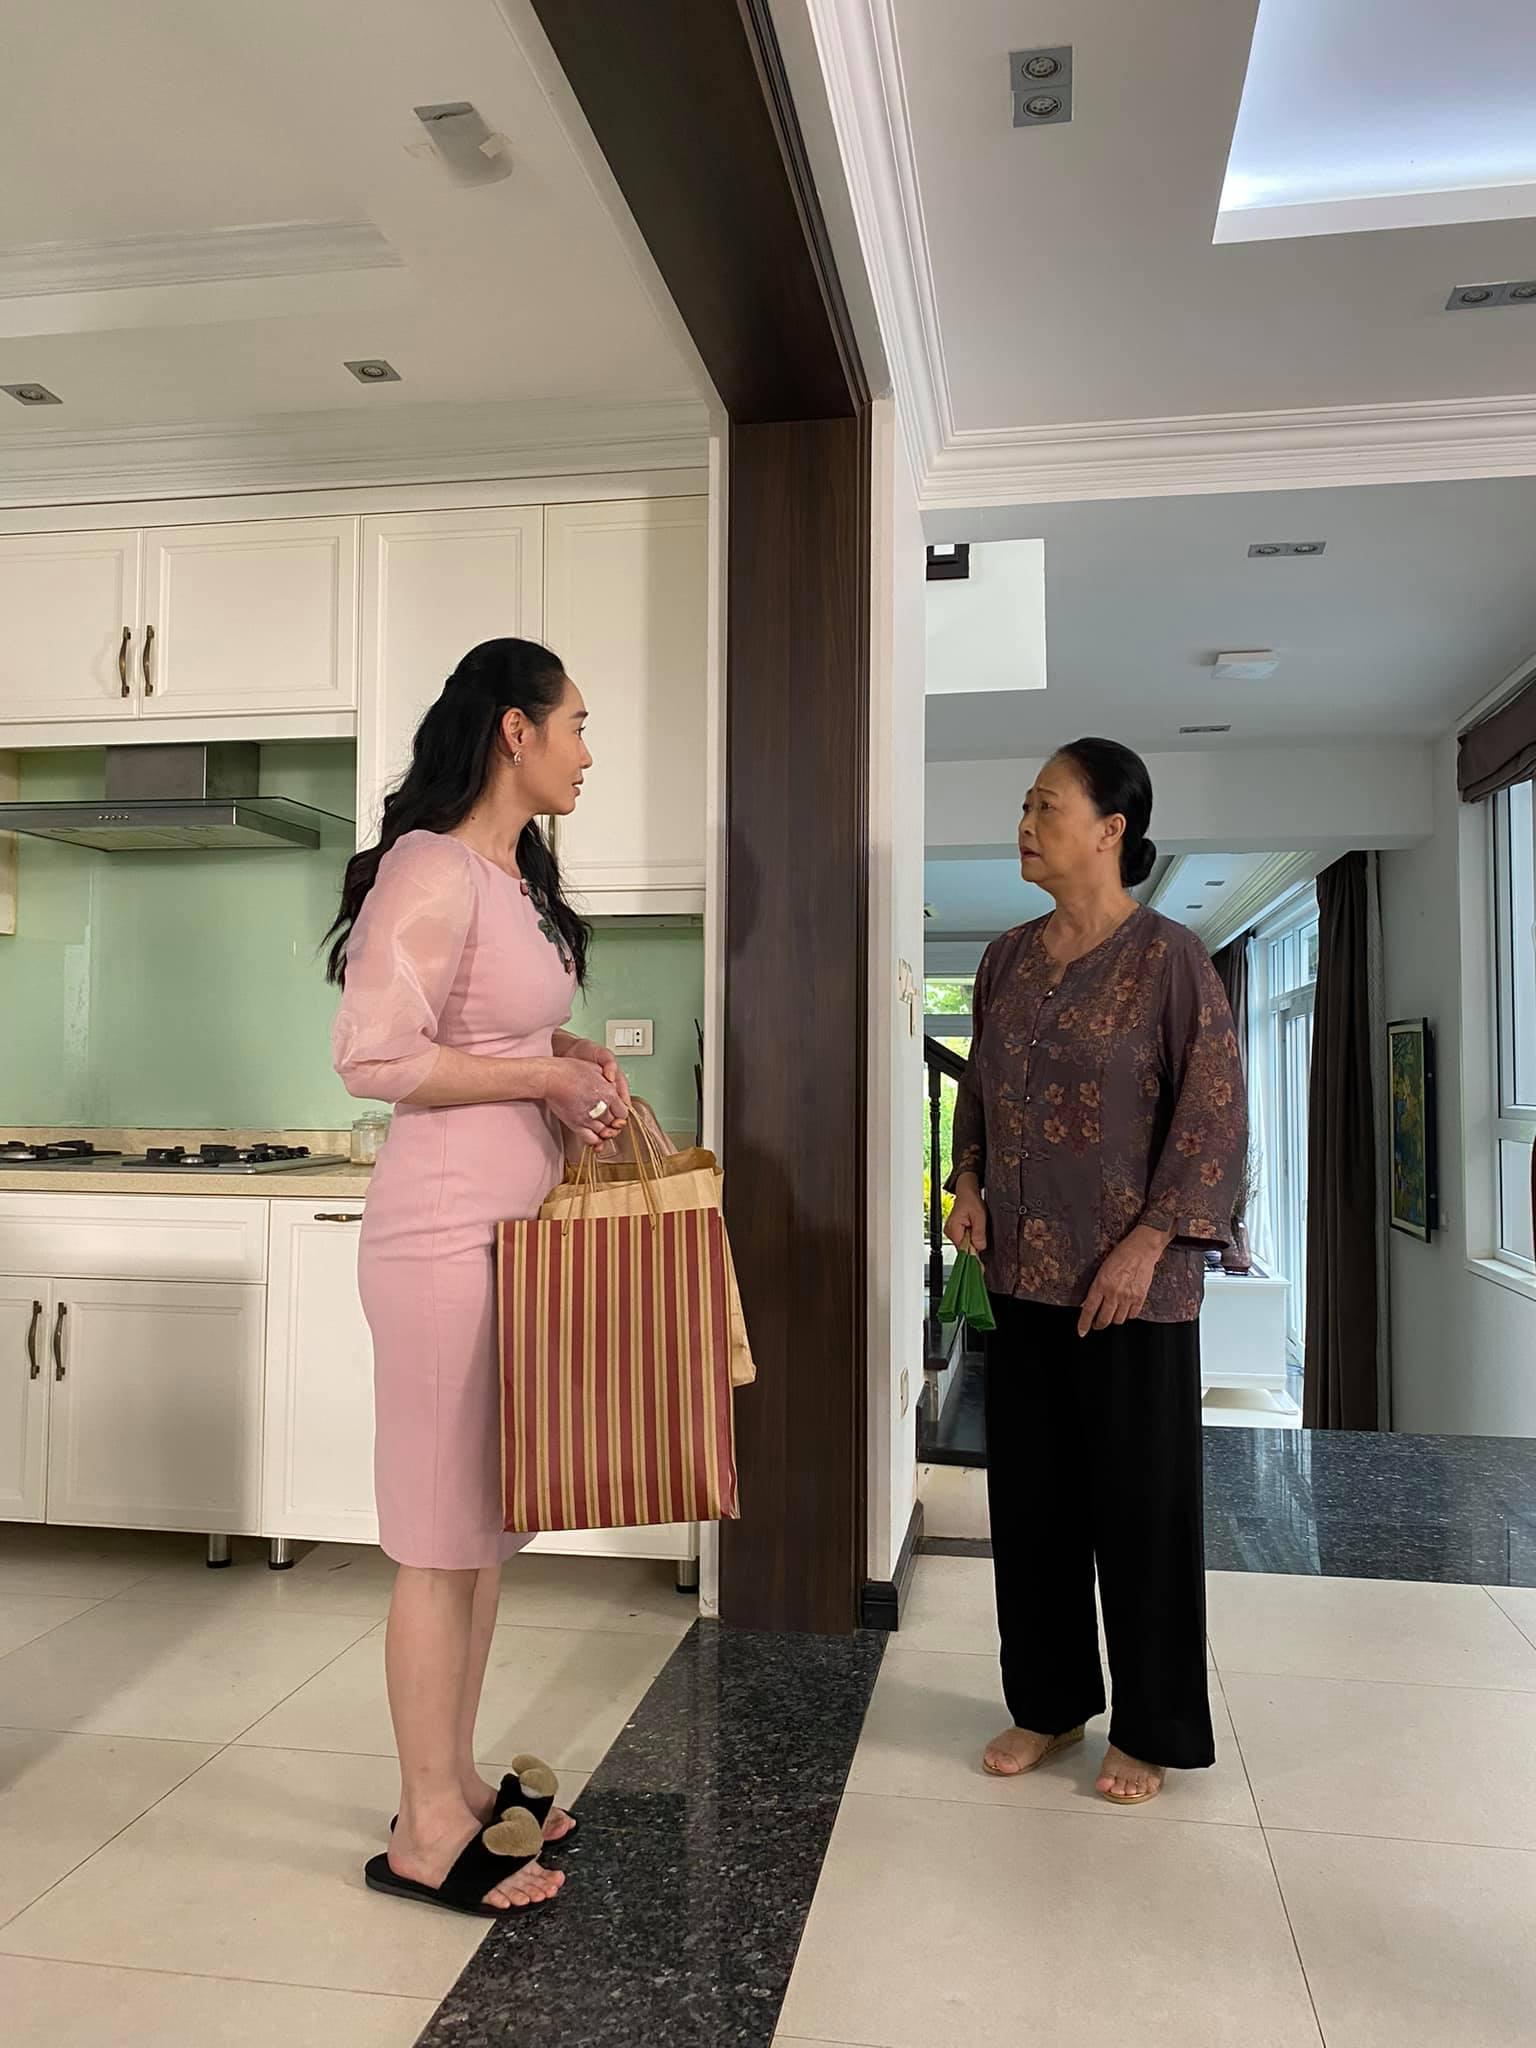 'Hương vị tình thân': Bà Xuân hạnh phúc khi 30 năm làm dâu được mẹ chồng gọi 'con' xưng 'mẹ' 4